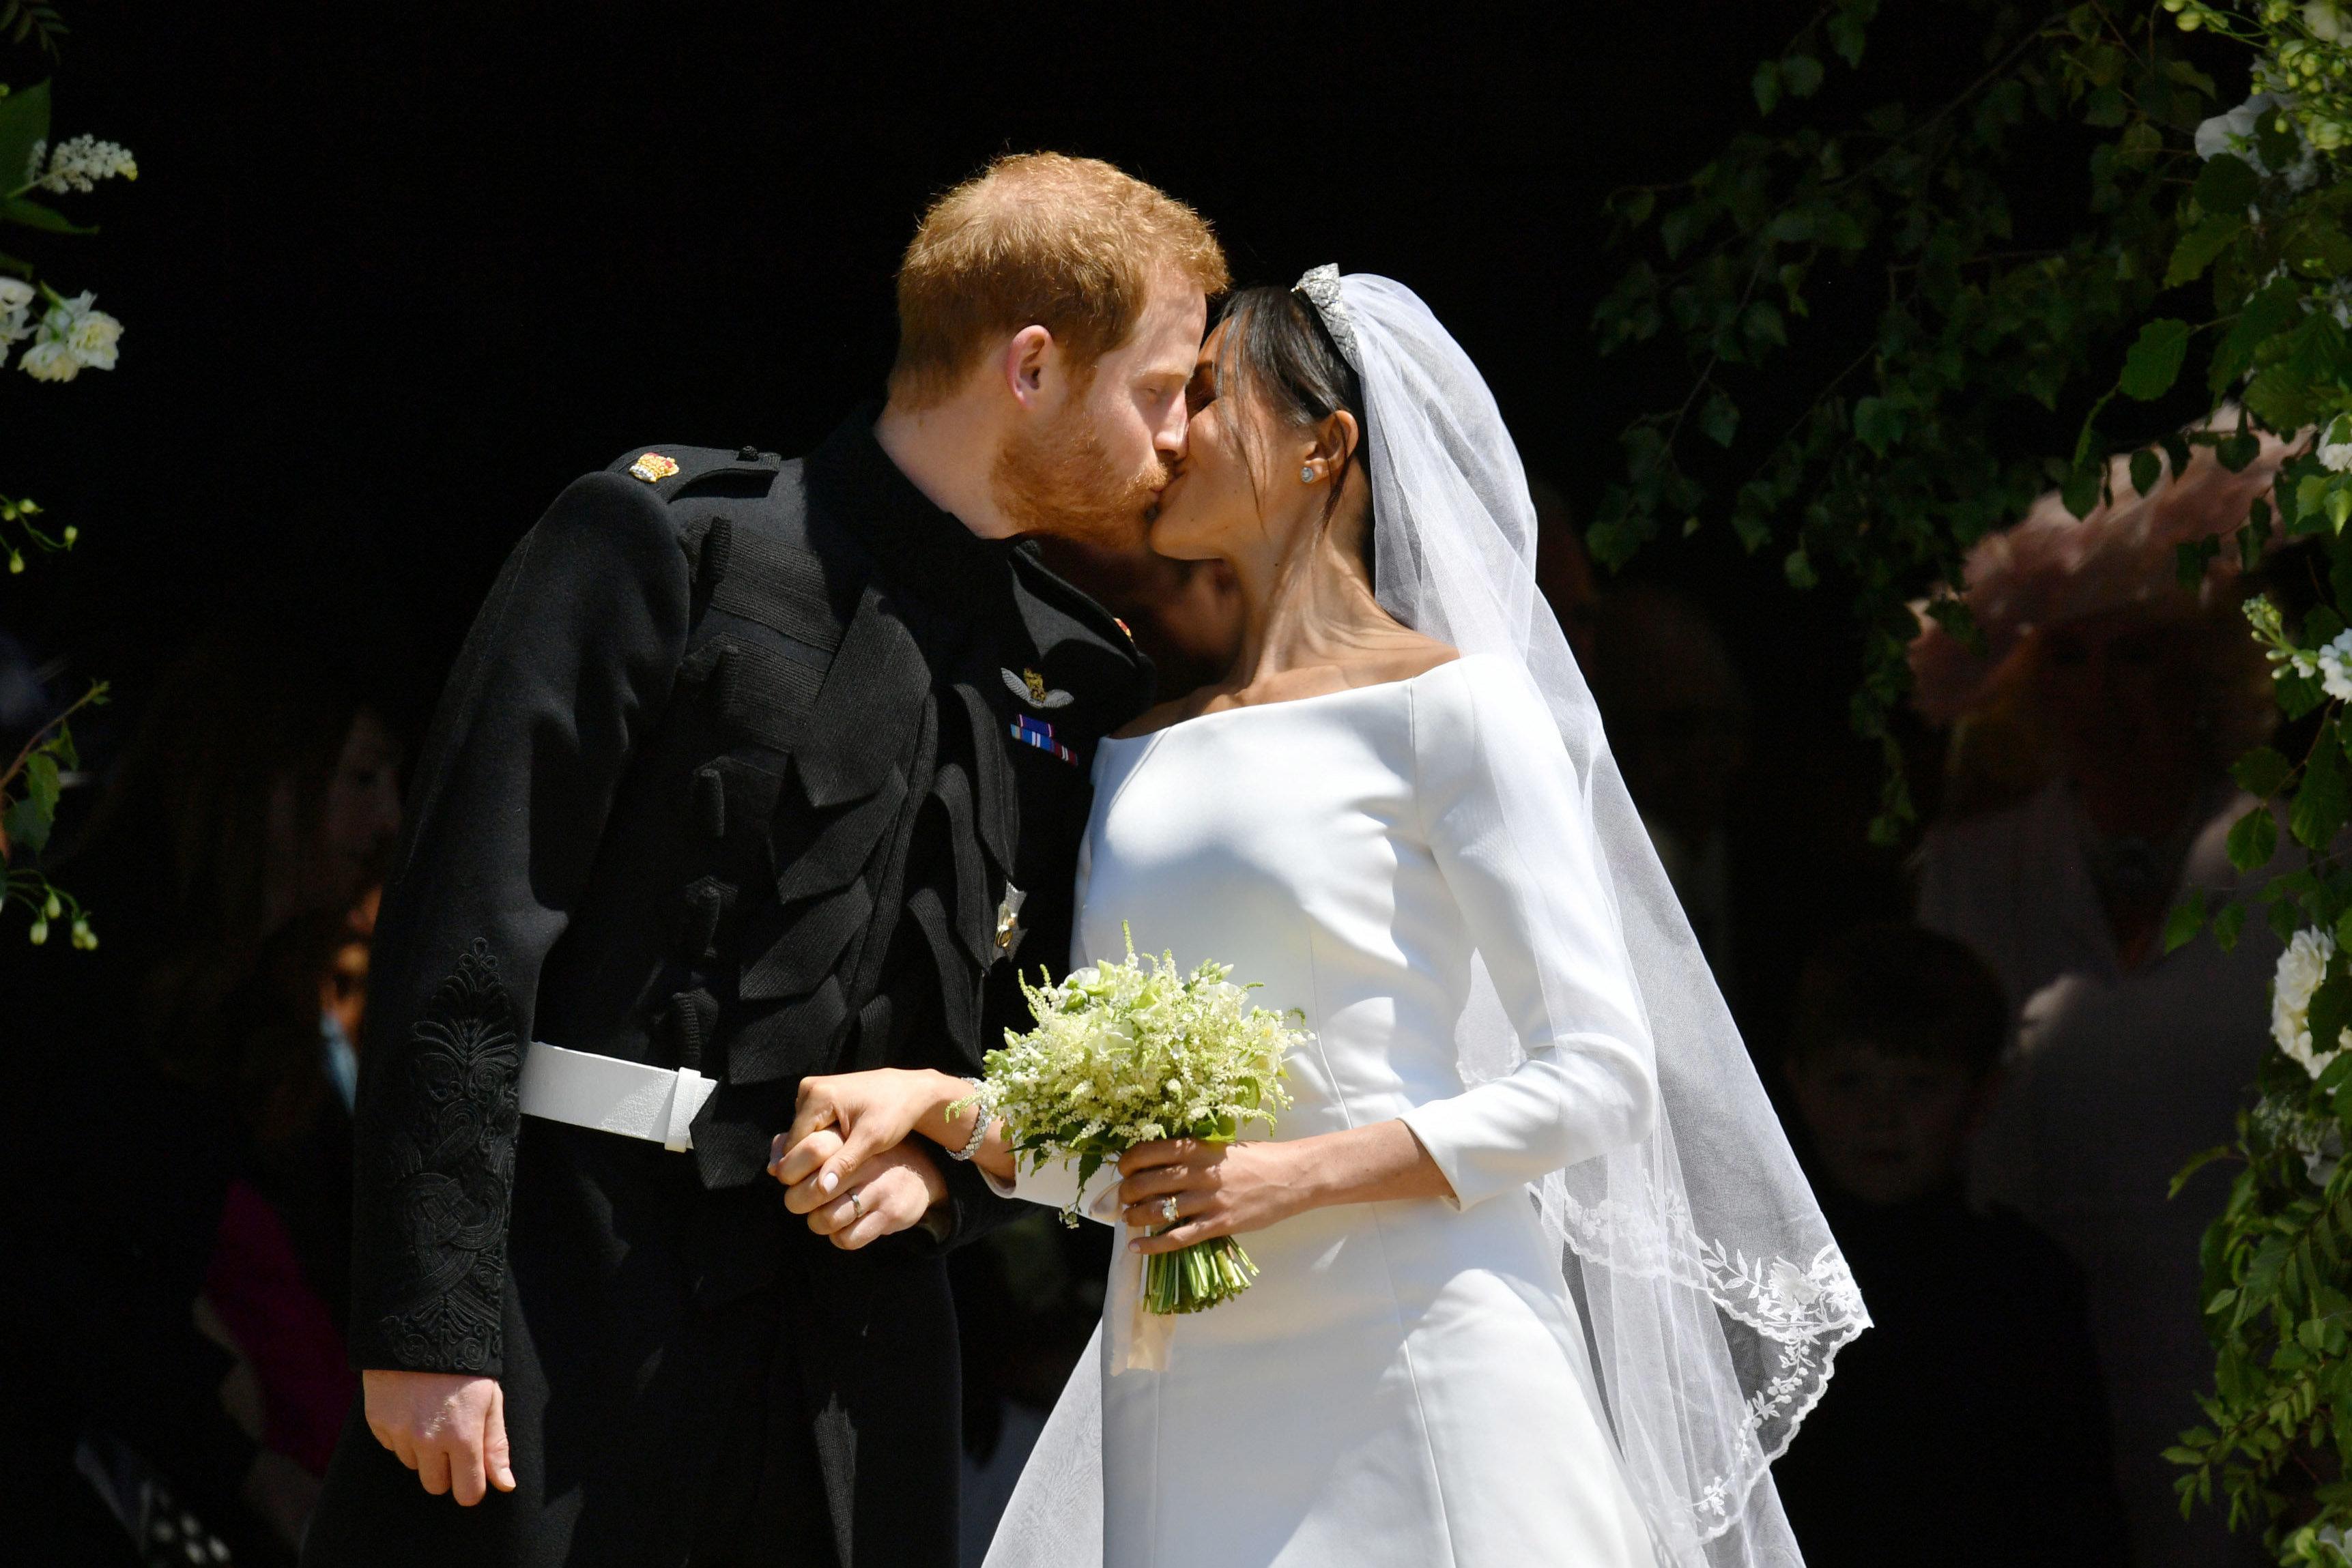 해리 왕자가 웨딩드레스 입은 메건 마클을 보고 한